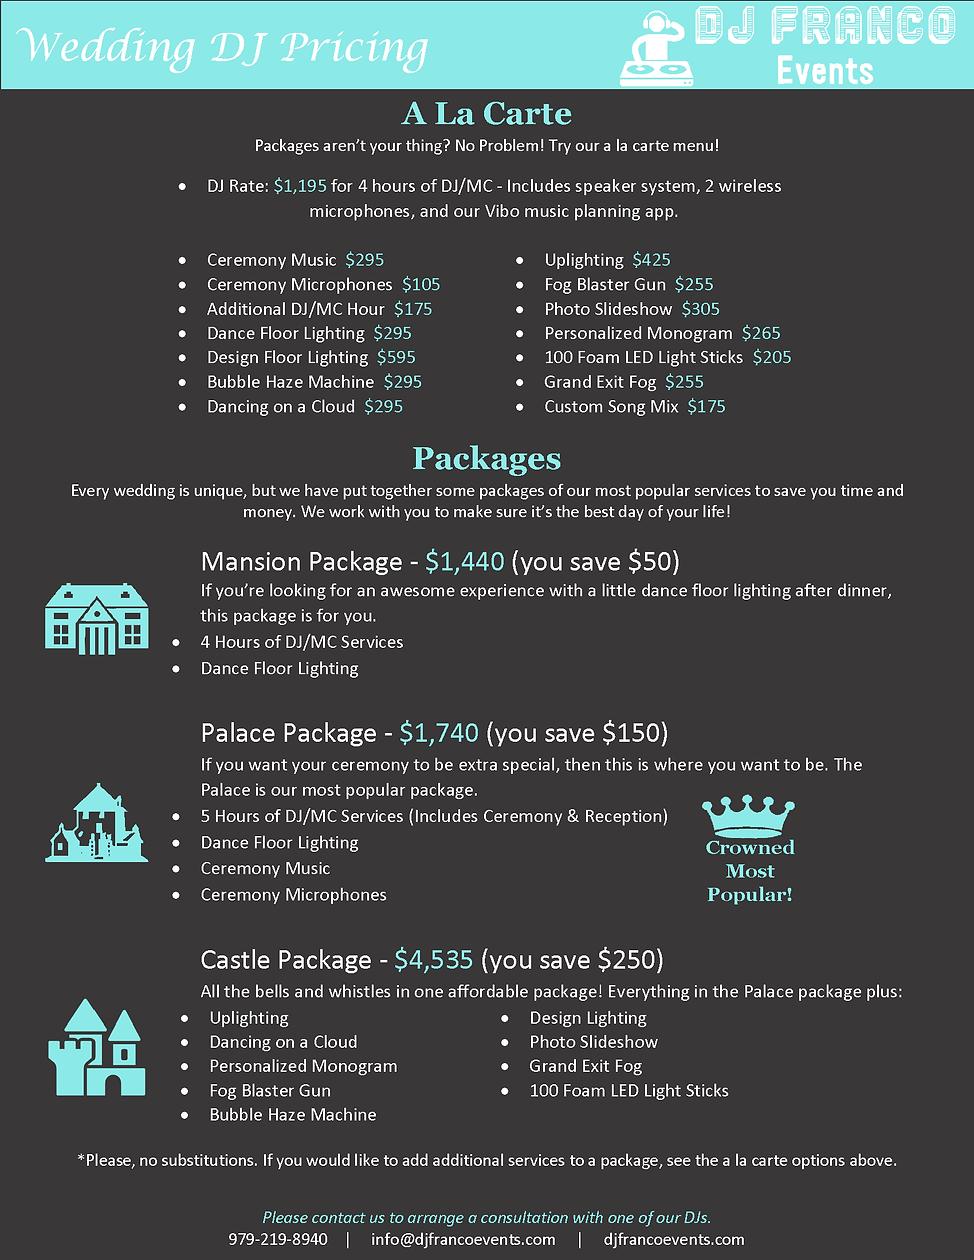 Wedding DJ Pricing 8.16.21.png